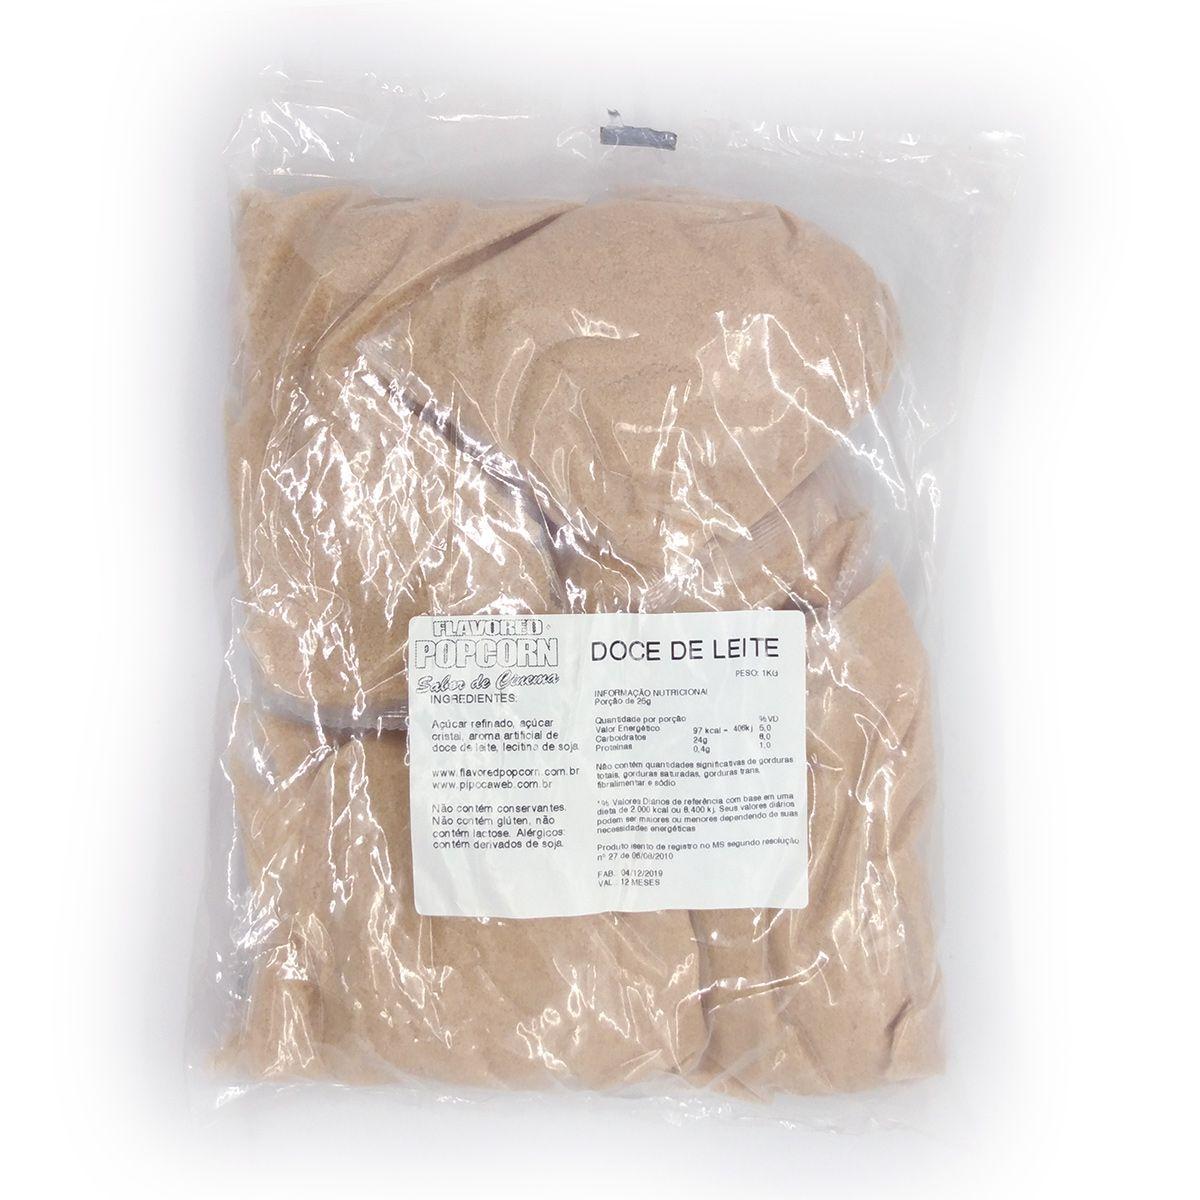 Caramelos p/ Pipoca Doce - sabor Doce de Leite - 1kg